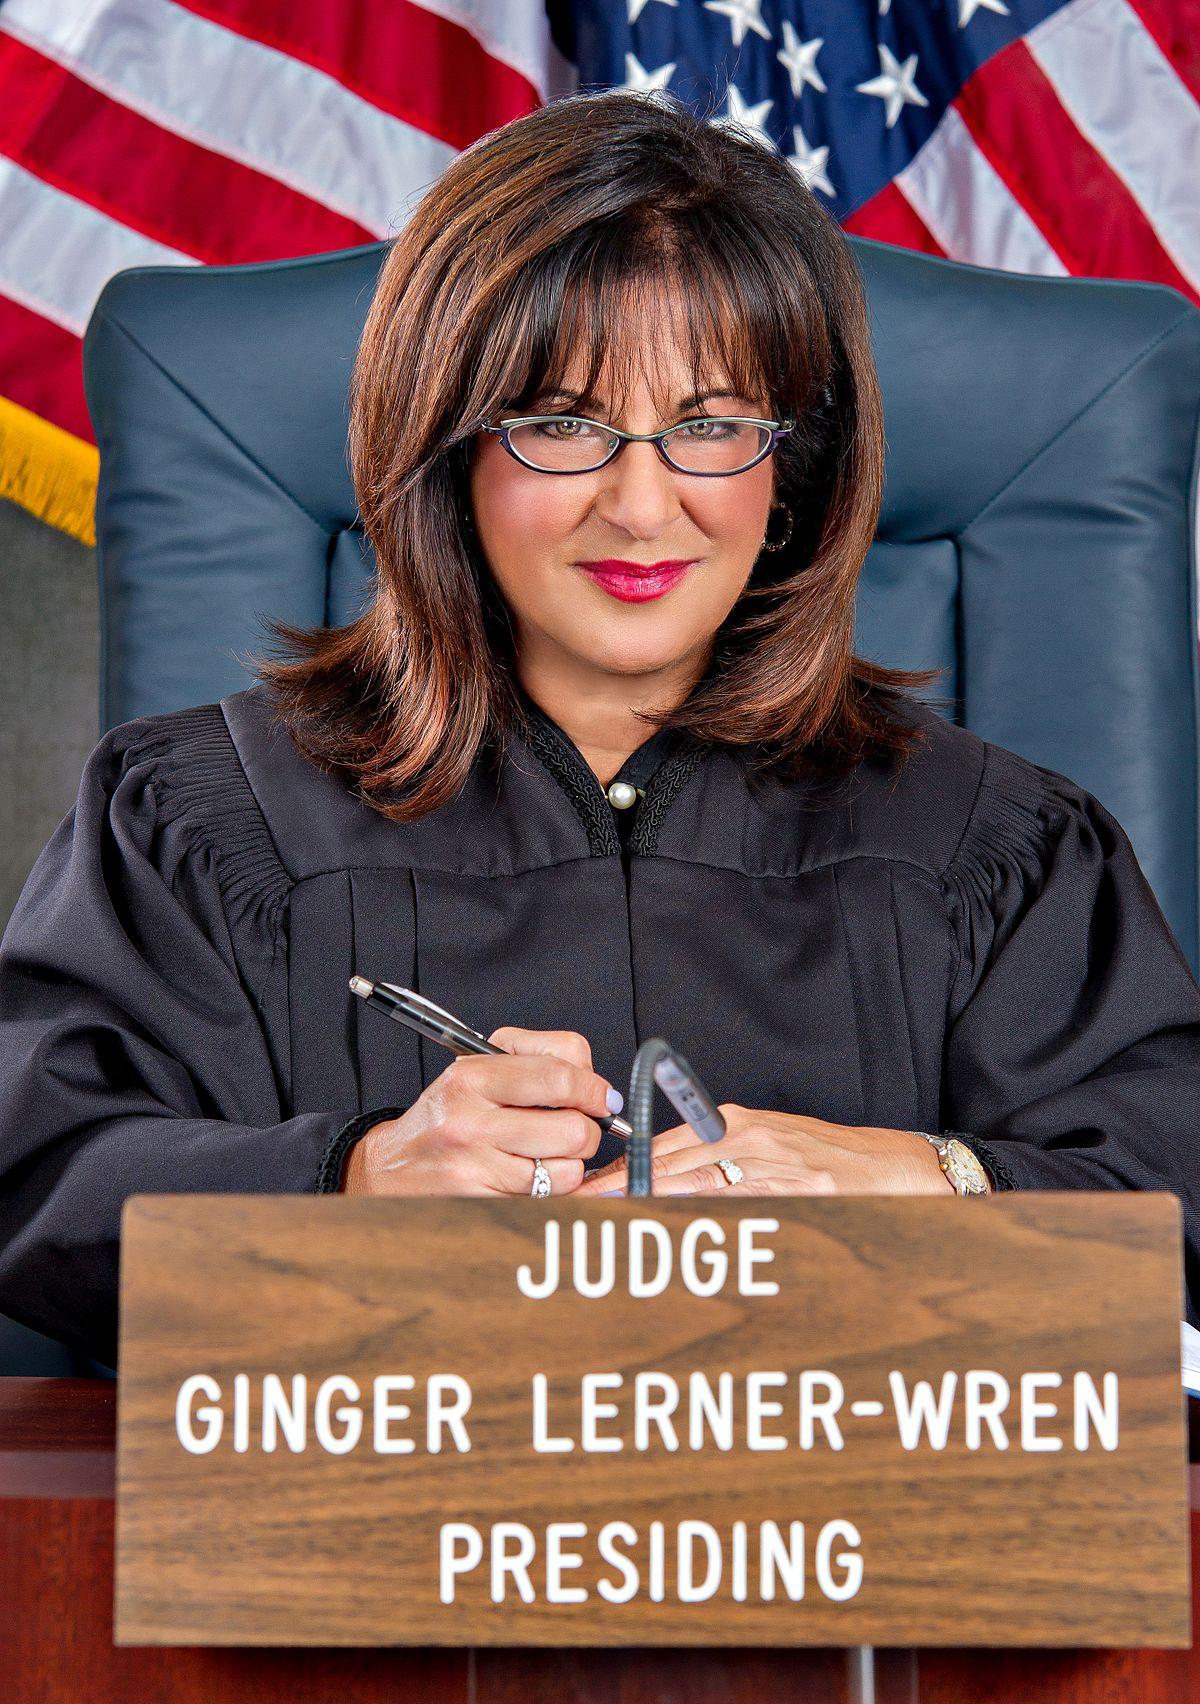 South Eastern University >> Ginger Lerner-Wren - Wikipedia